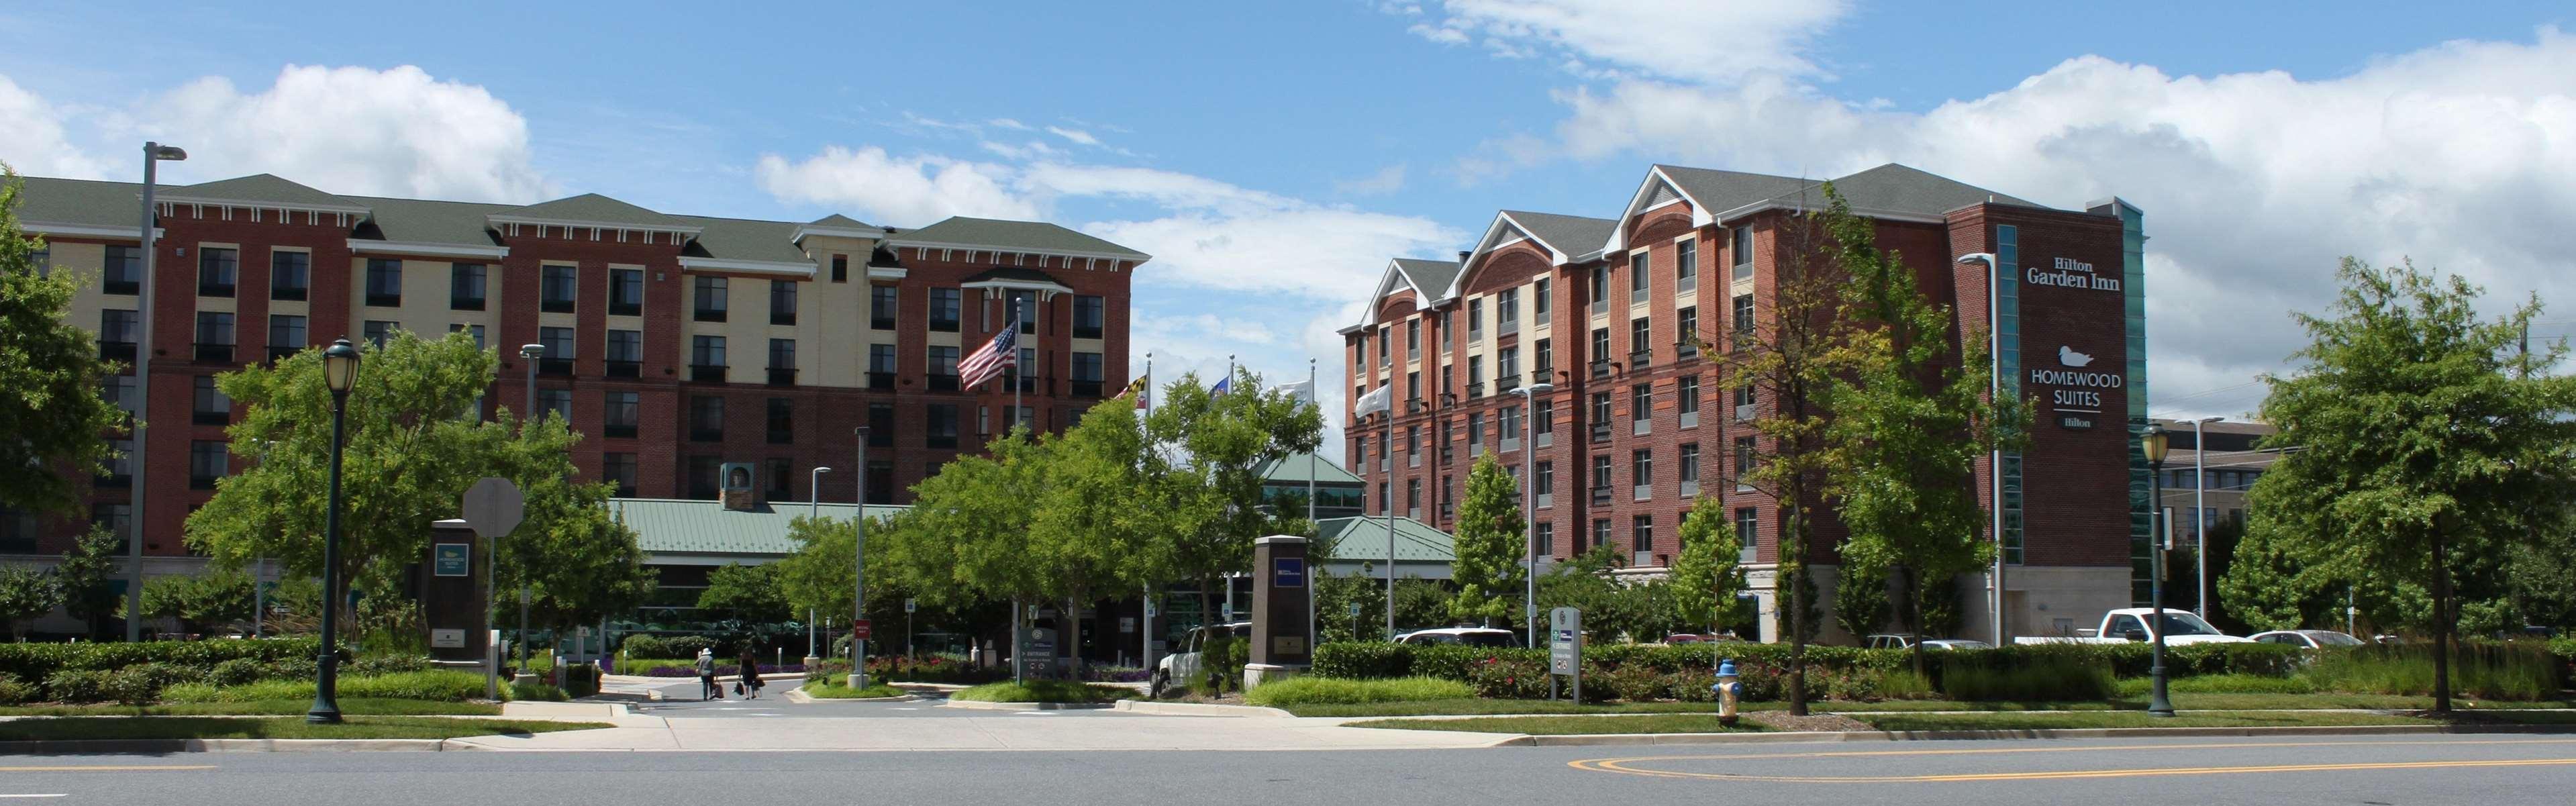 Hotels Near Gaithersburg Md